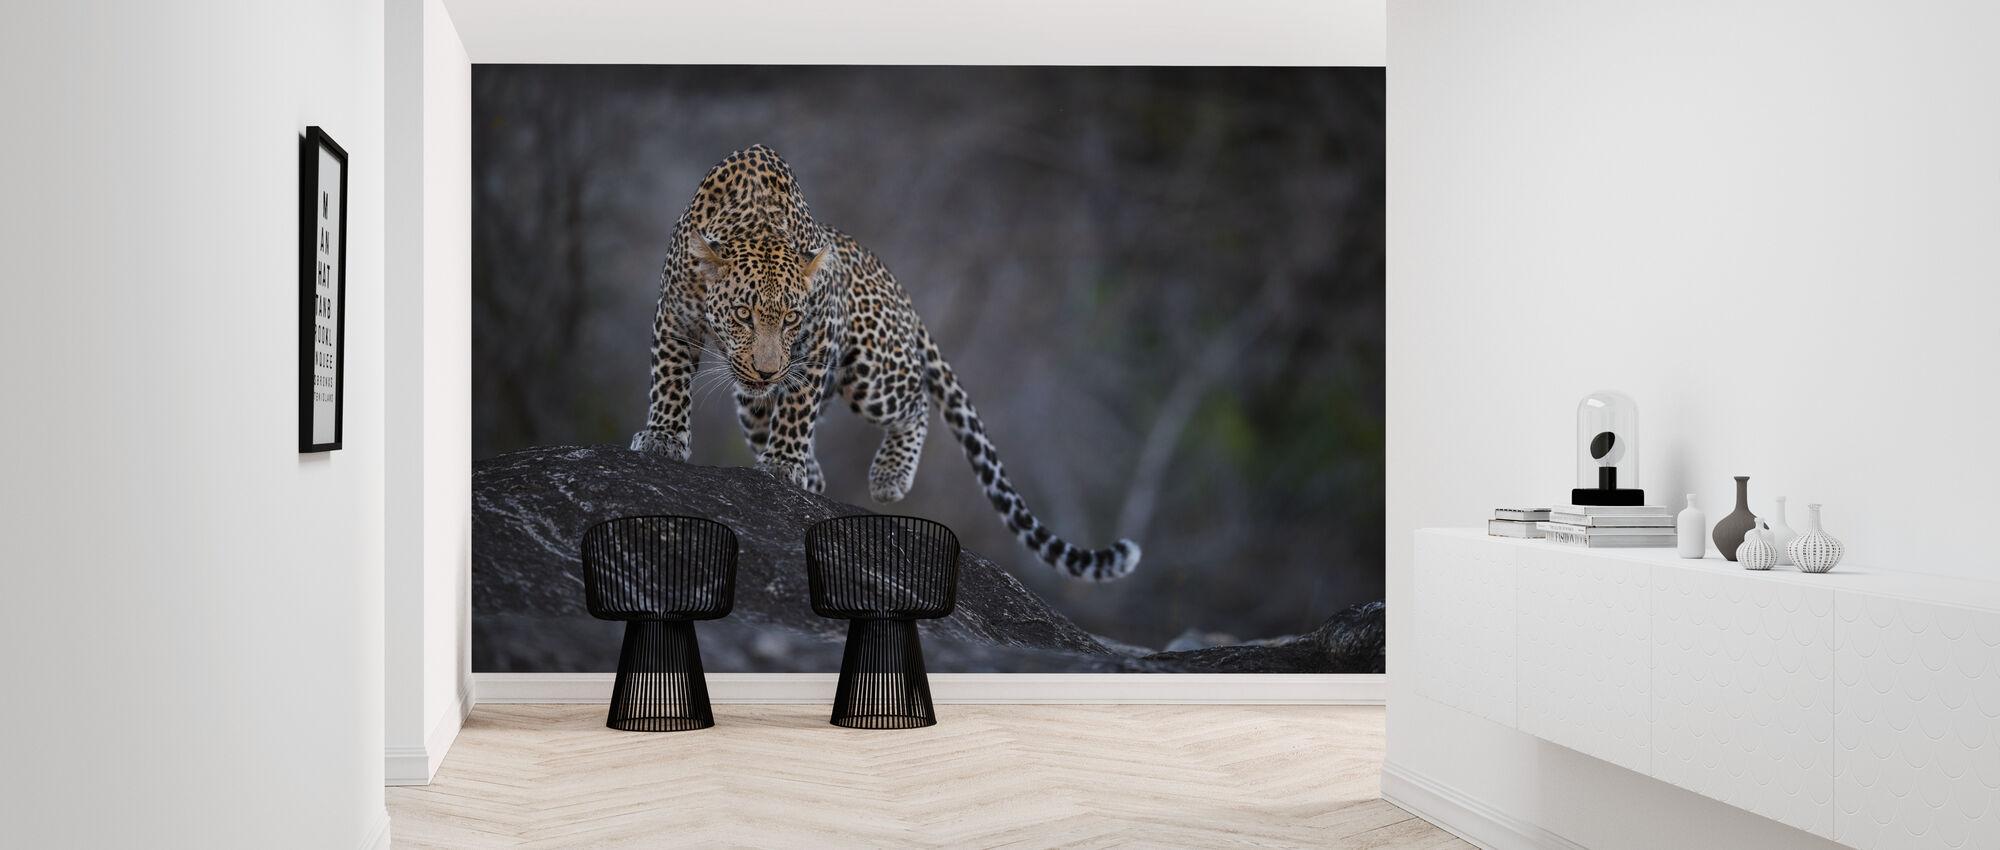 Leopard on a Rock - Wallpaper - Hallway